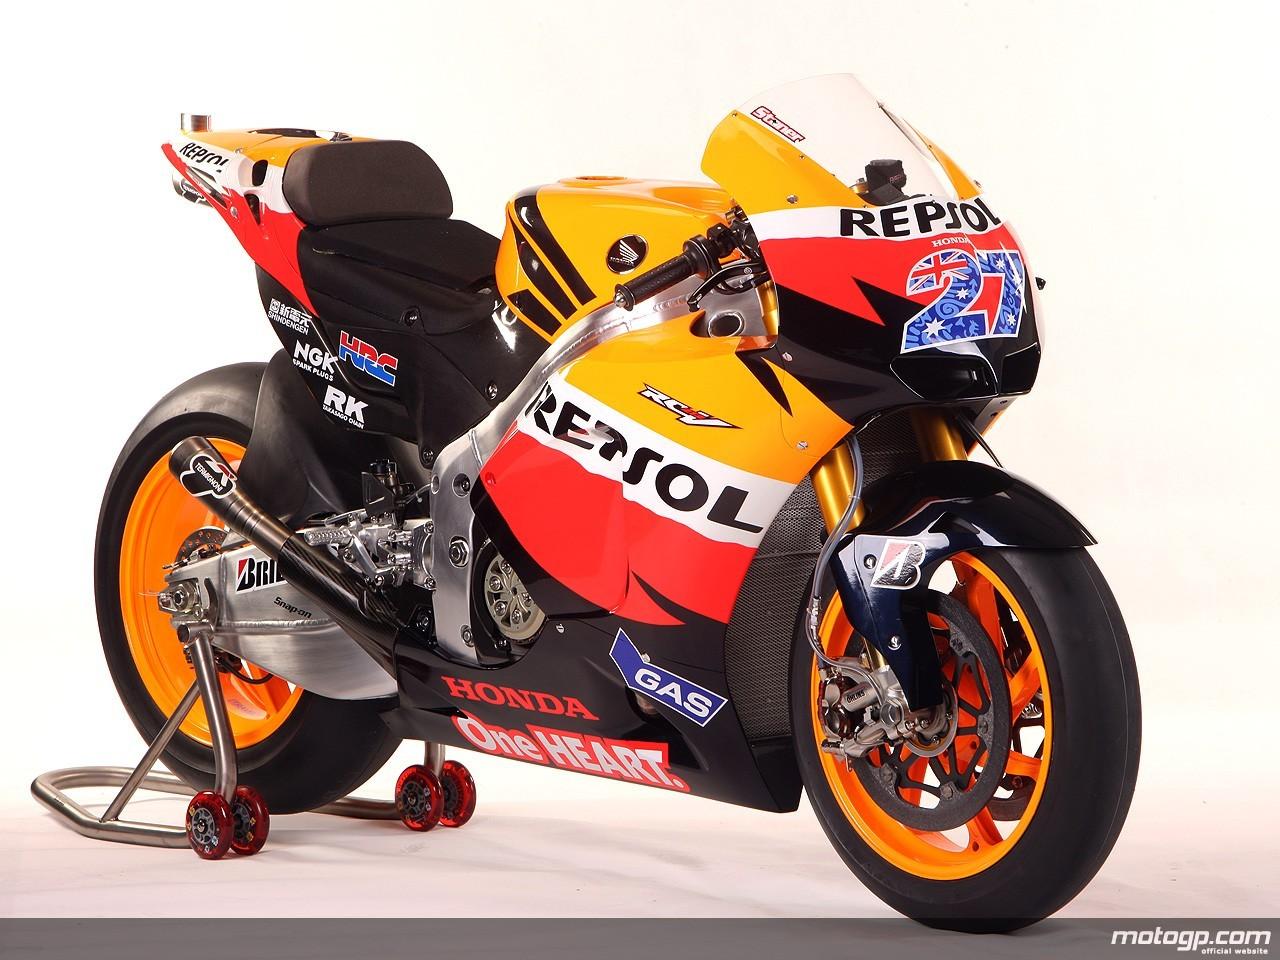 http://4.bp.blogspot.com/-_gRAhlWQELw/TfGDSk5IHAI/AAAAAAAAAcY/ZwajzZ5S0tg/s1600/2011+Honda+RC212V..jpg